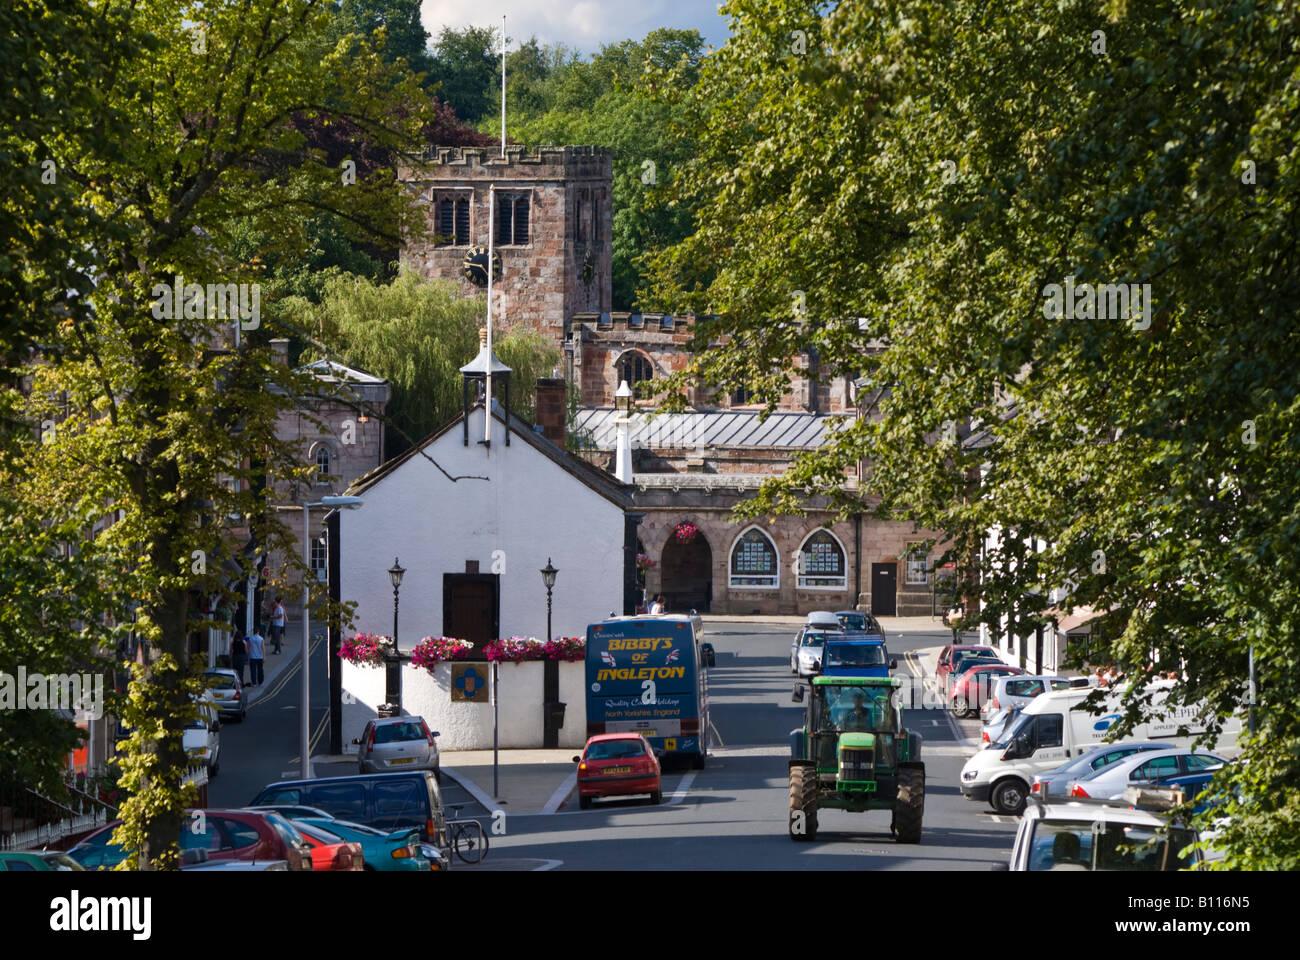 UK England cumbria appleby - Stock Image